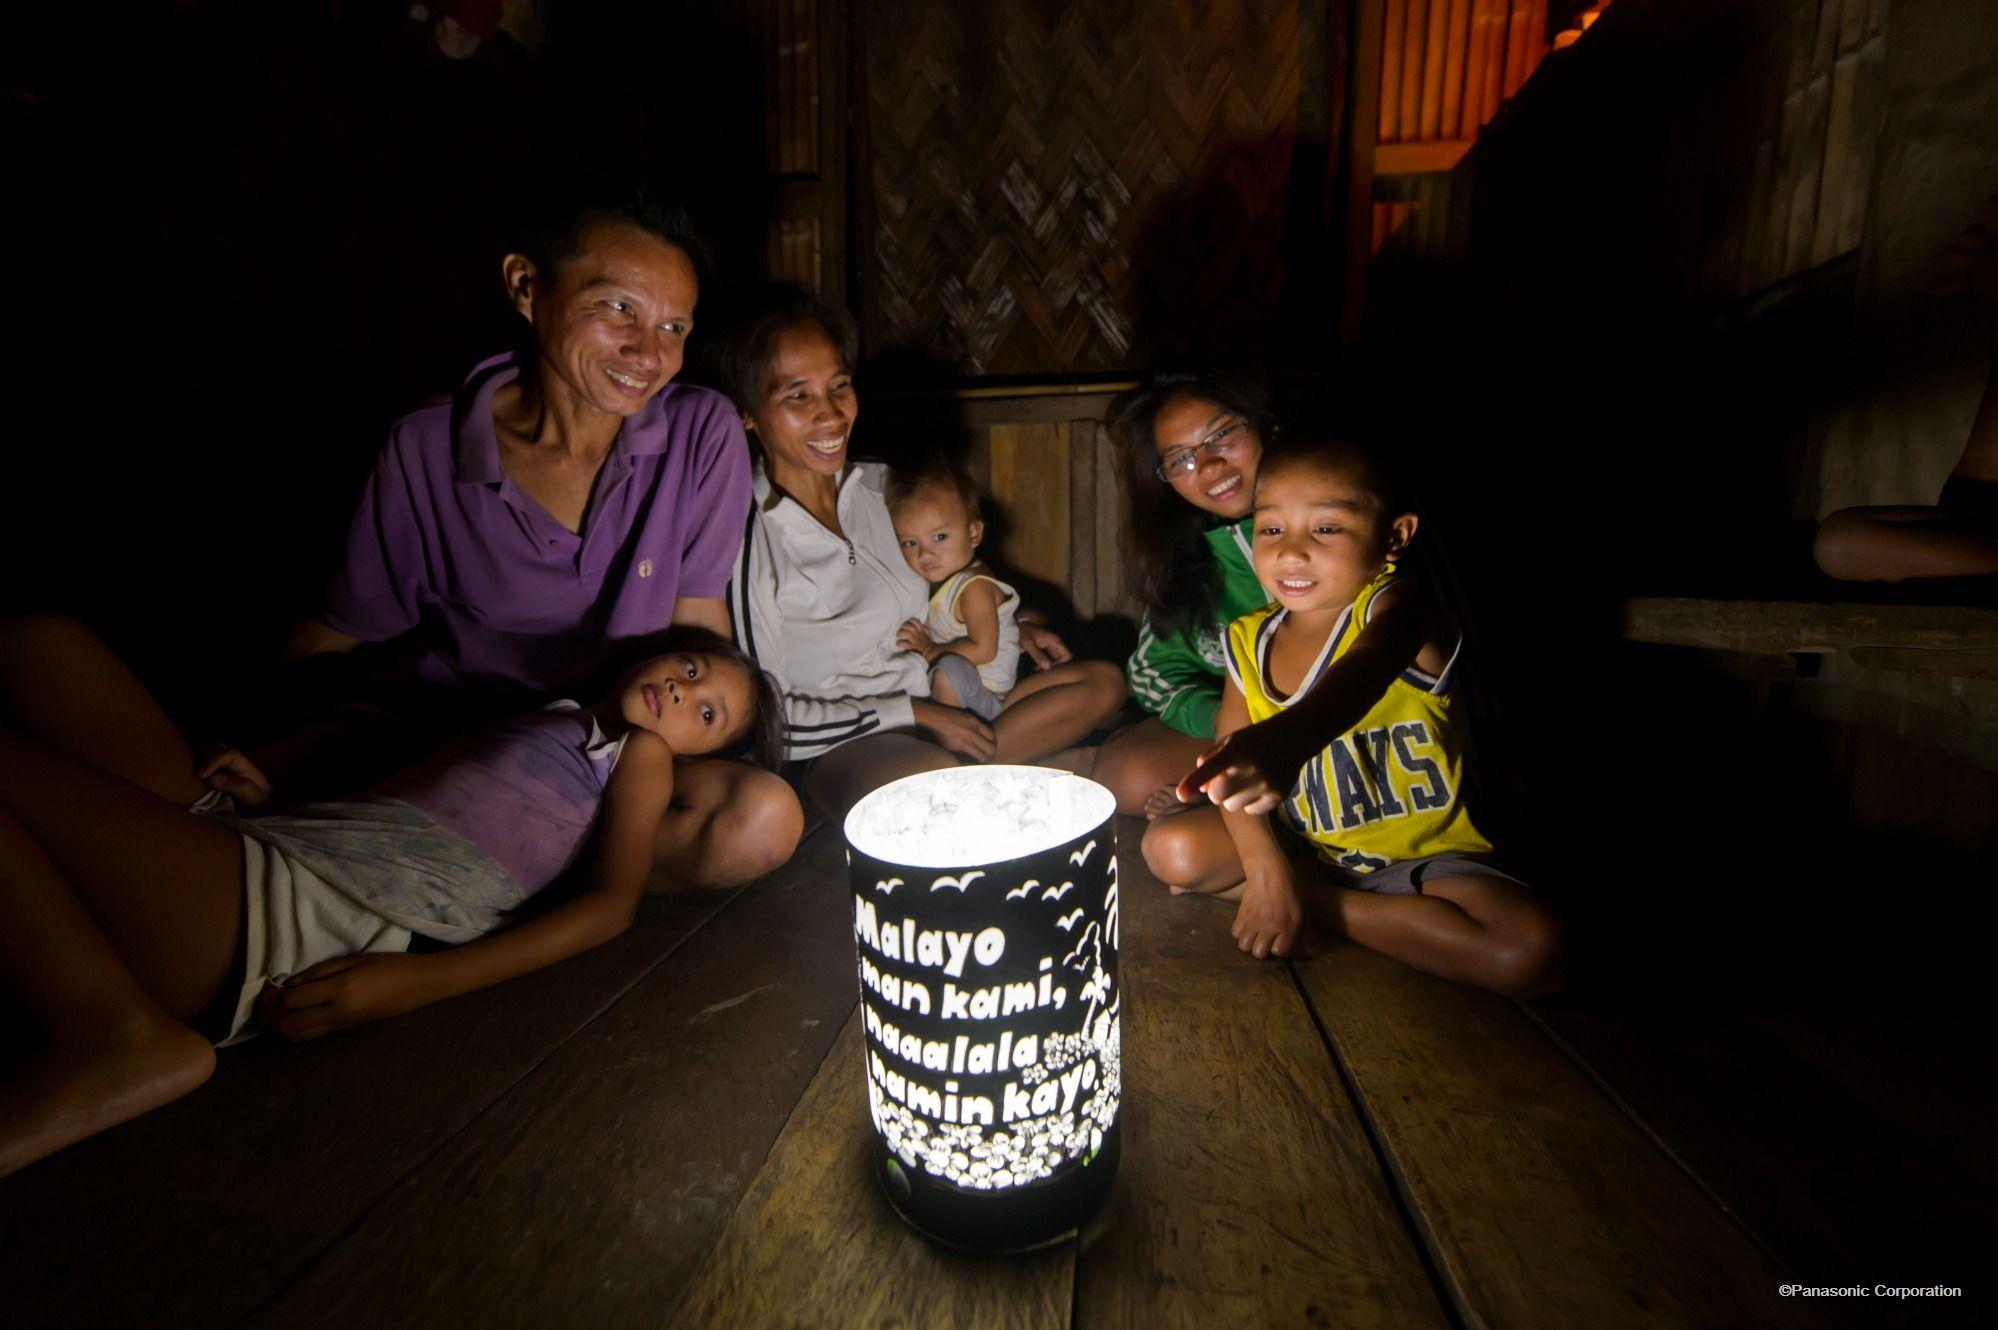 手作りのシェードとともにソーラーランタンの明かりで家族団らん